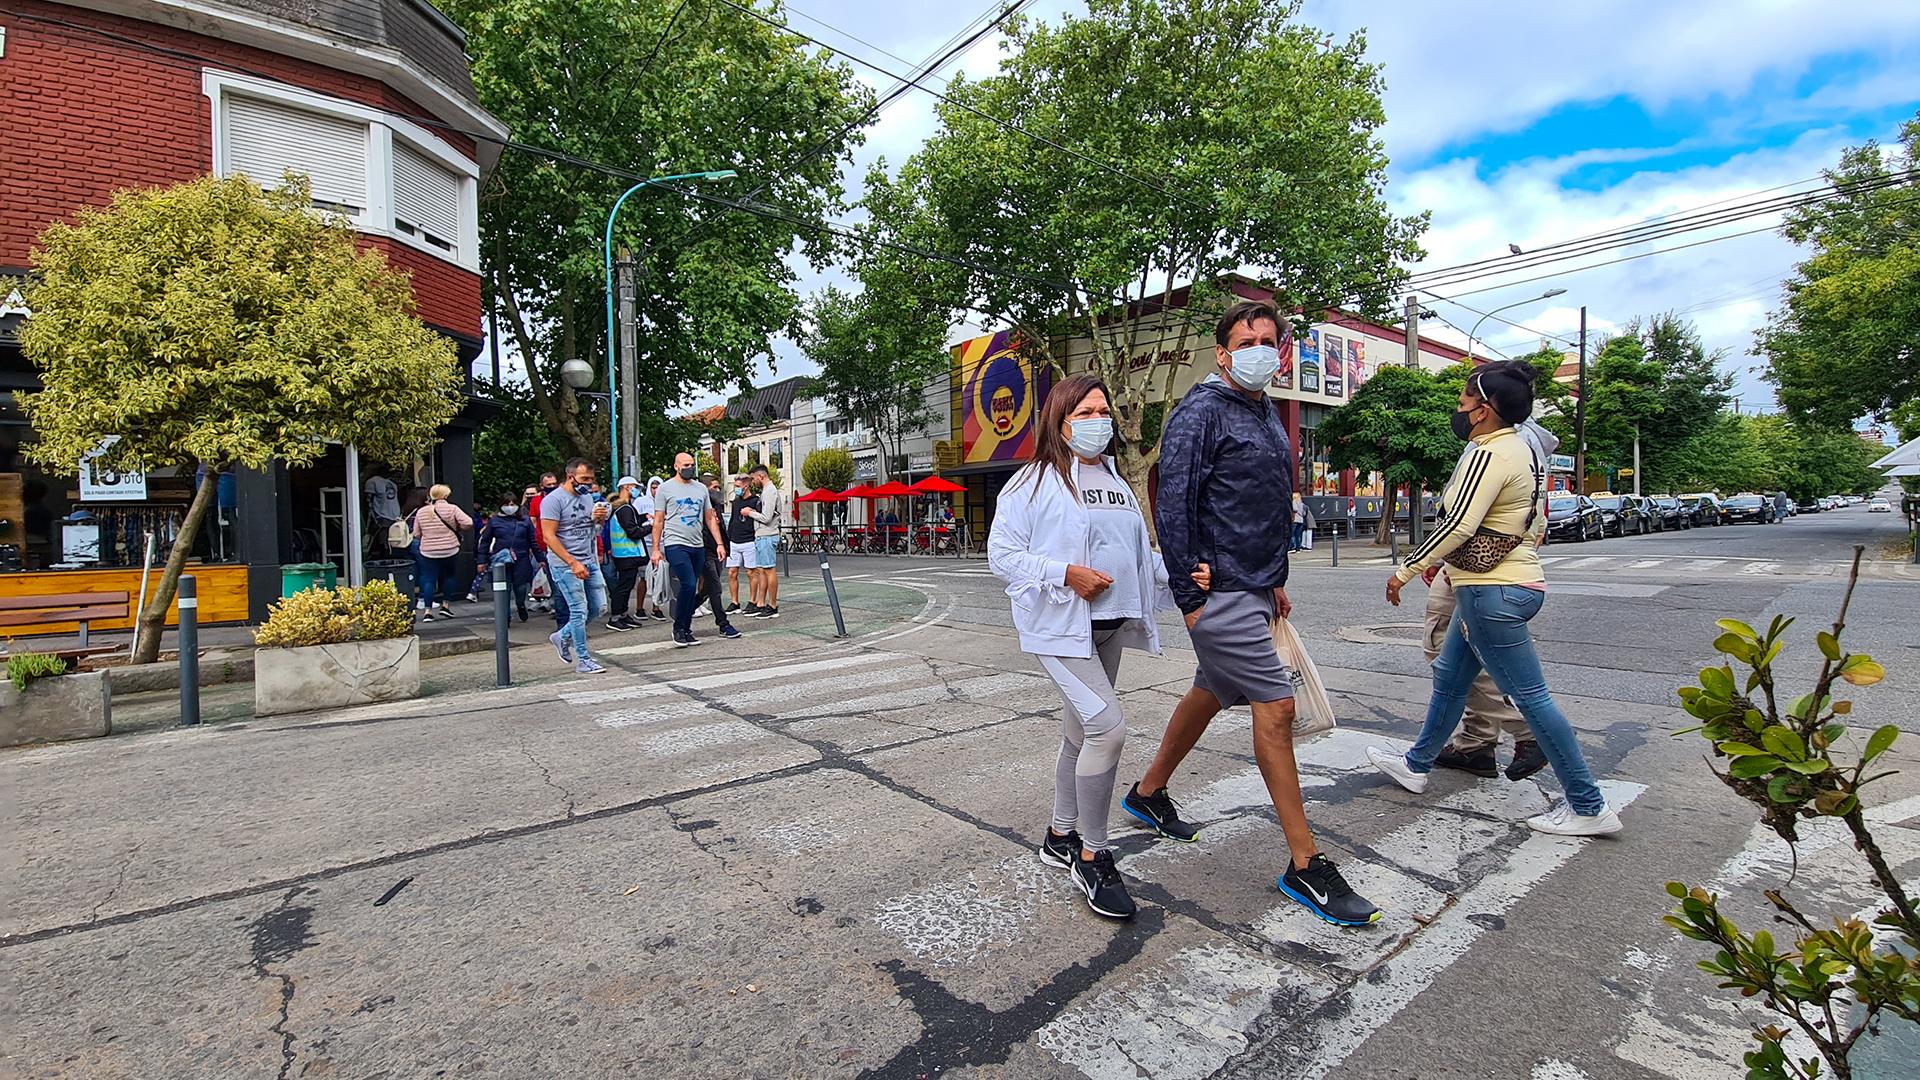 Un relevamiento de la Unión del Comercio, la Industria y la Producción (UCIP) de Mar del Plata indicó que el 86% de las actividades que se realizan habitualmente en la ciudad se consideran poco o nada afectadas por las restricciones nocturnas